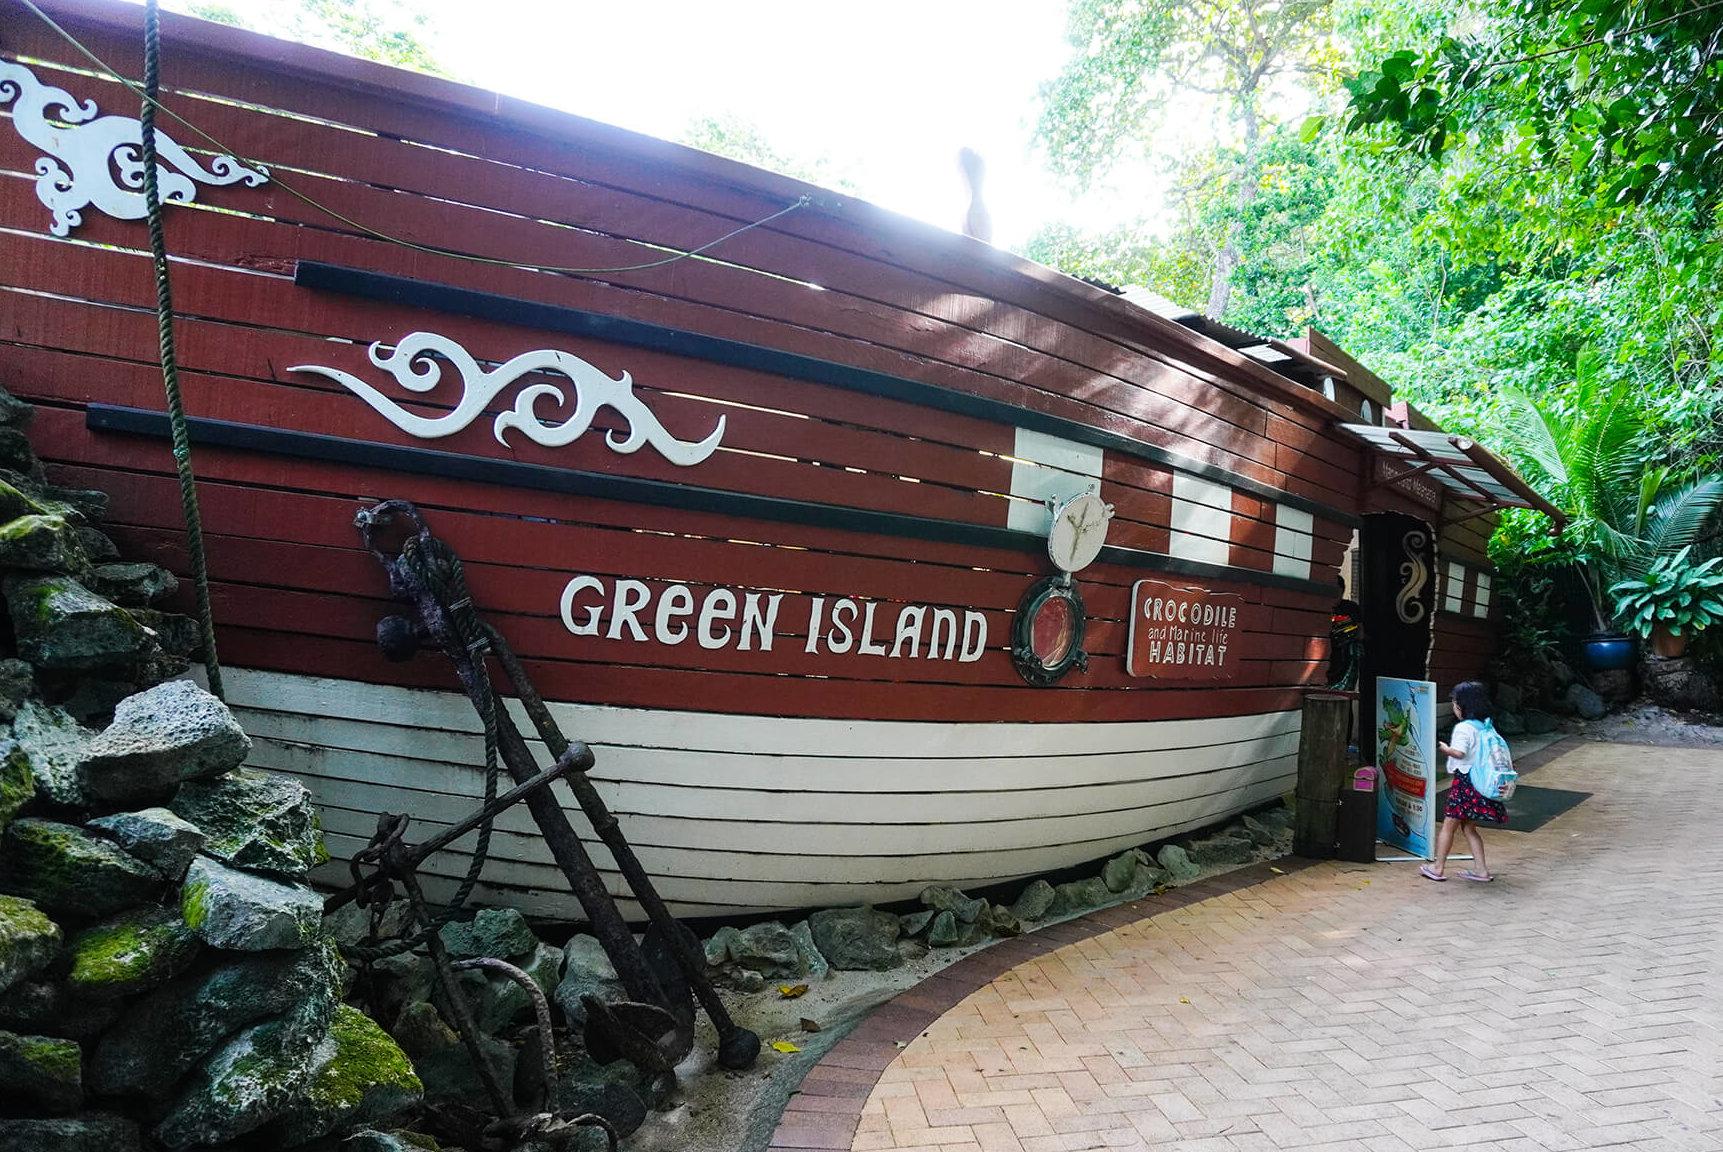 ケアンズ・グリーン島クロコダイル園